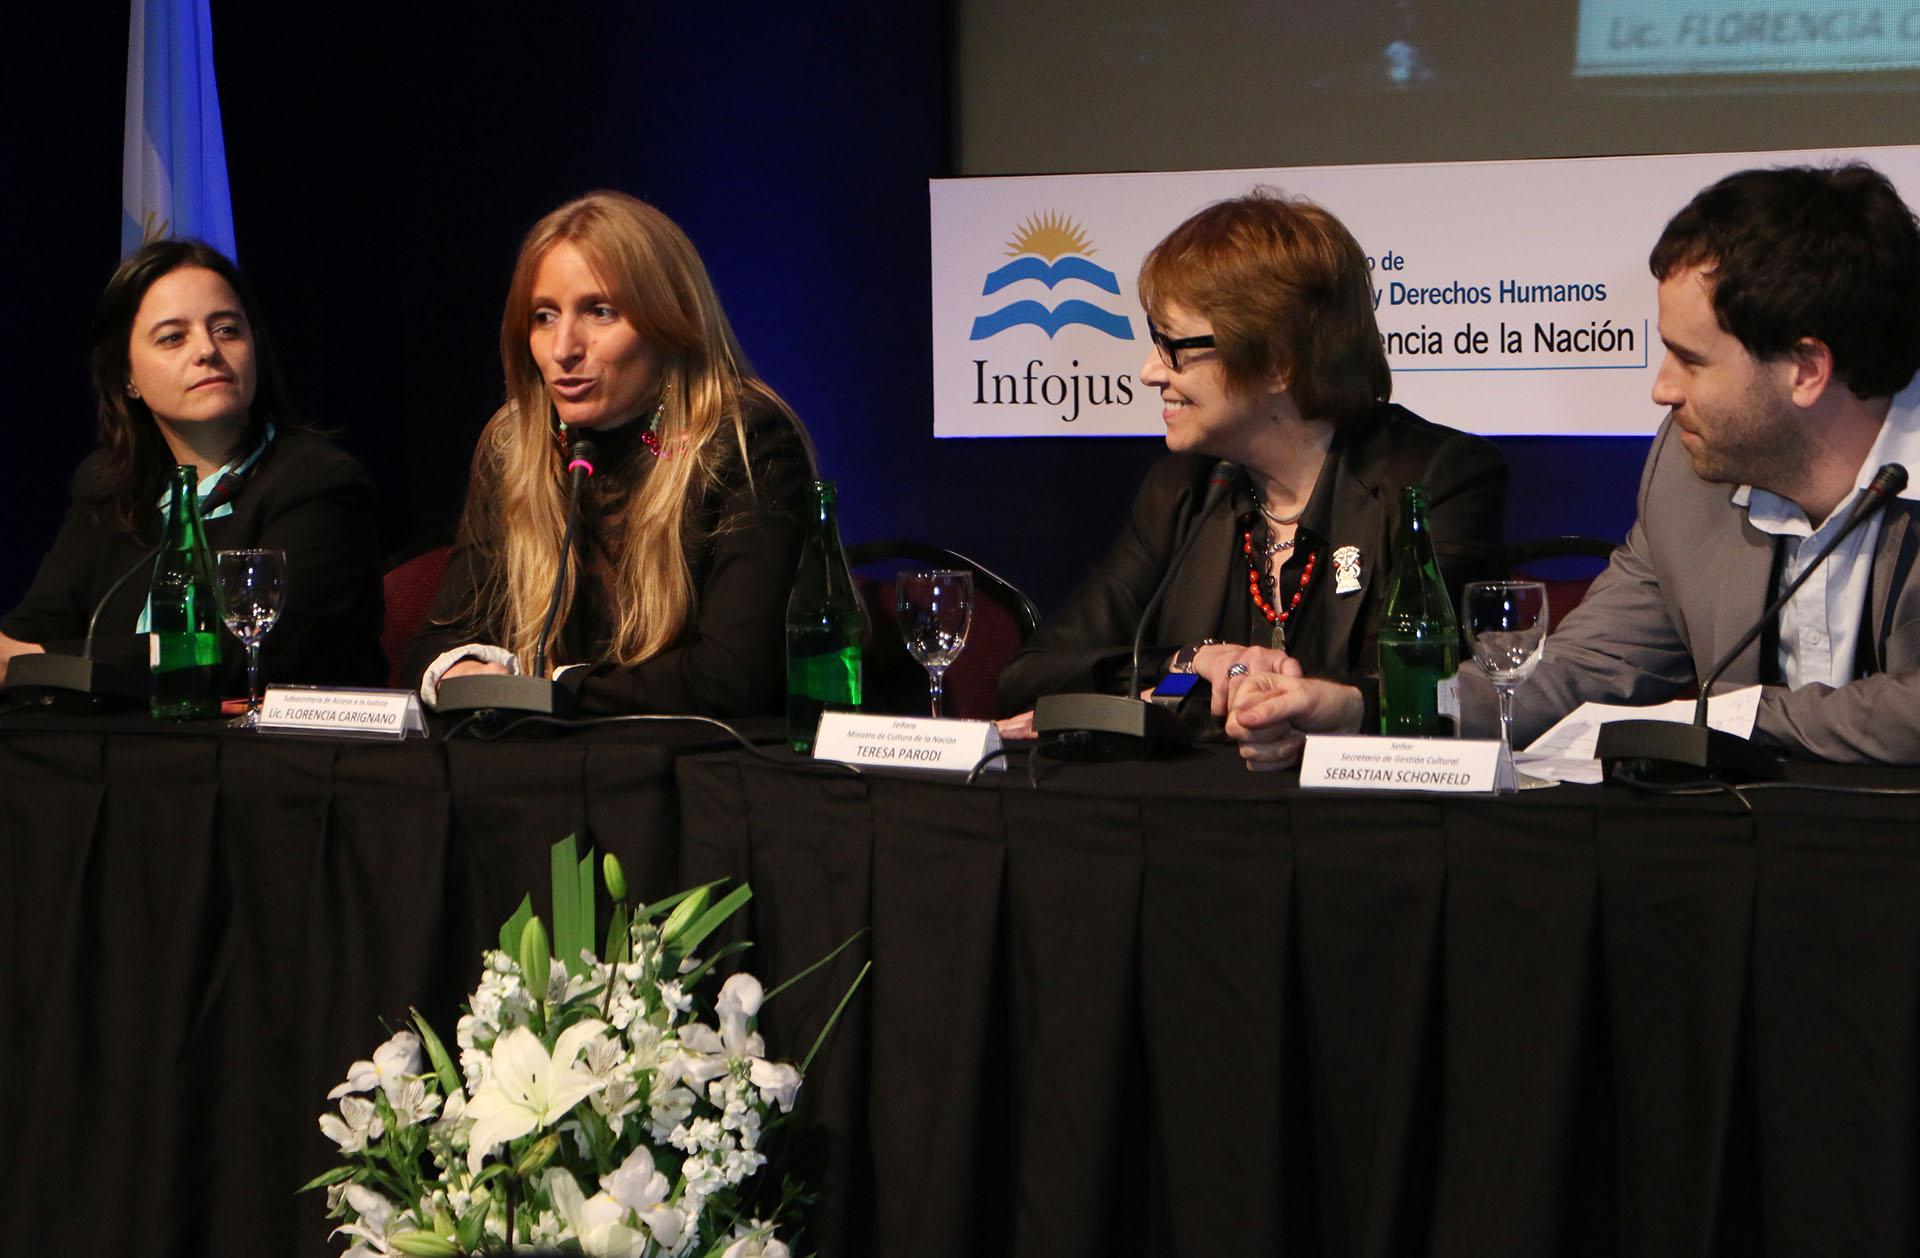 El Ministerio de Justicia colaborará con el de Cultura en la digitalización de bibliotecas